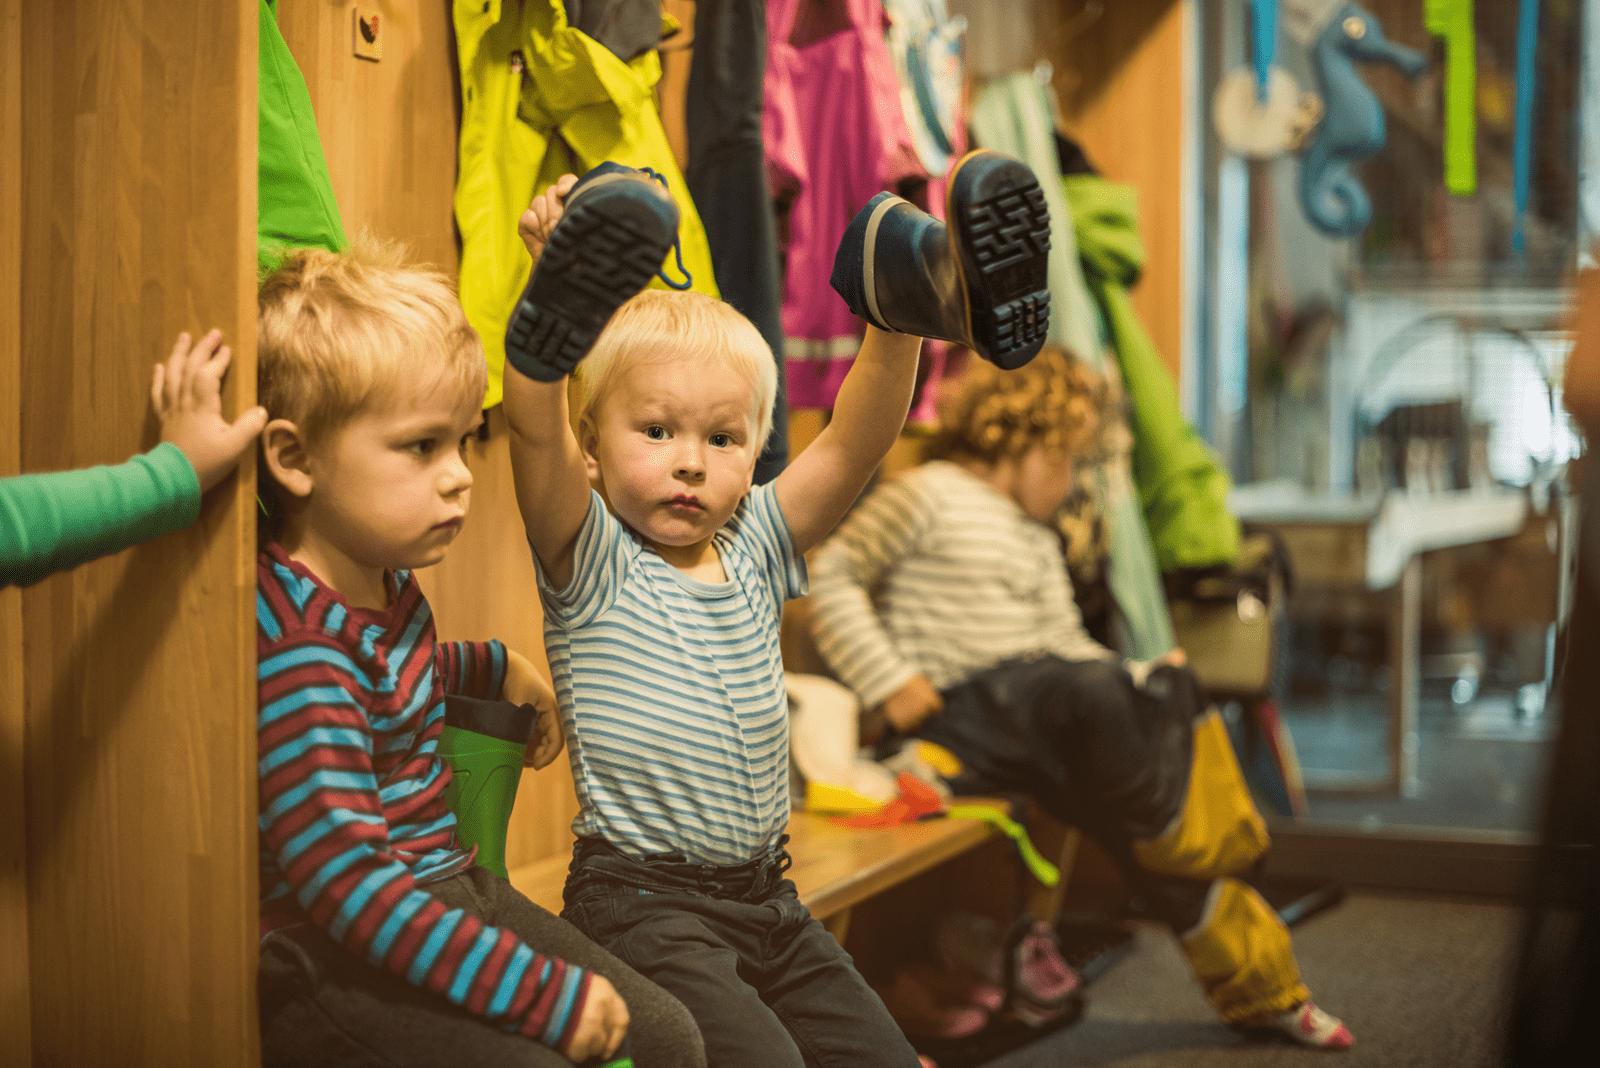 Kinder ziehen sich in der Garderobe um. Junge hält Gummistiefel in die Höhe.